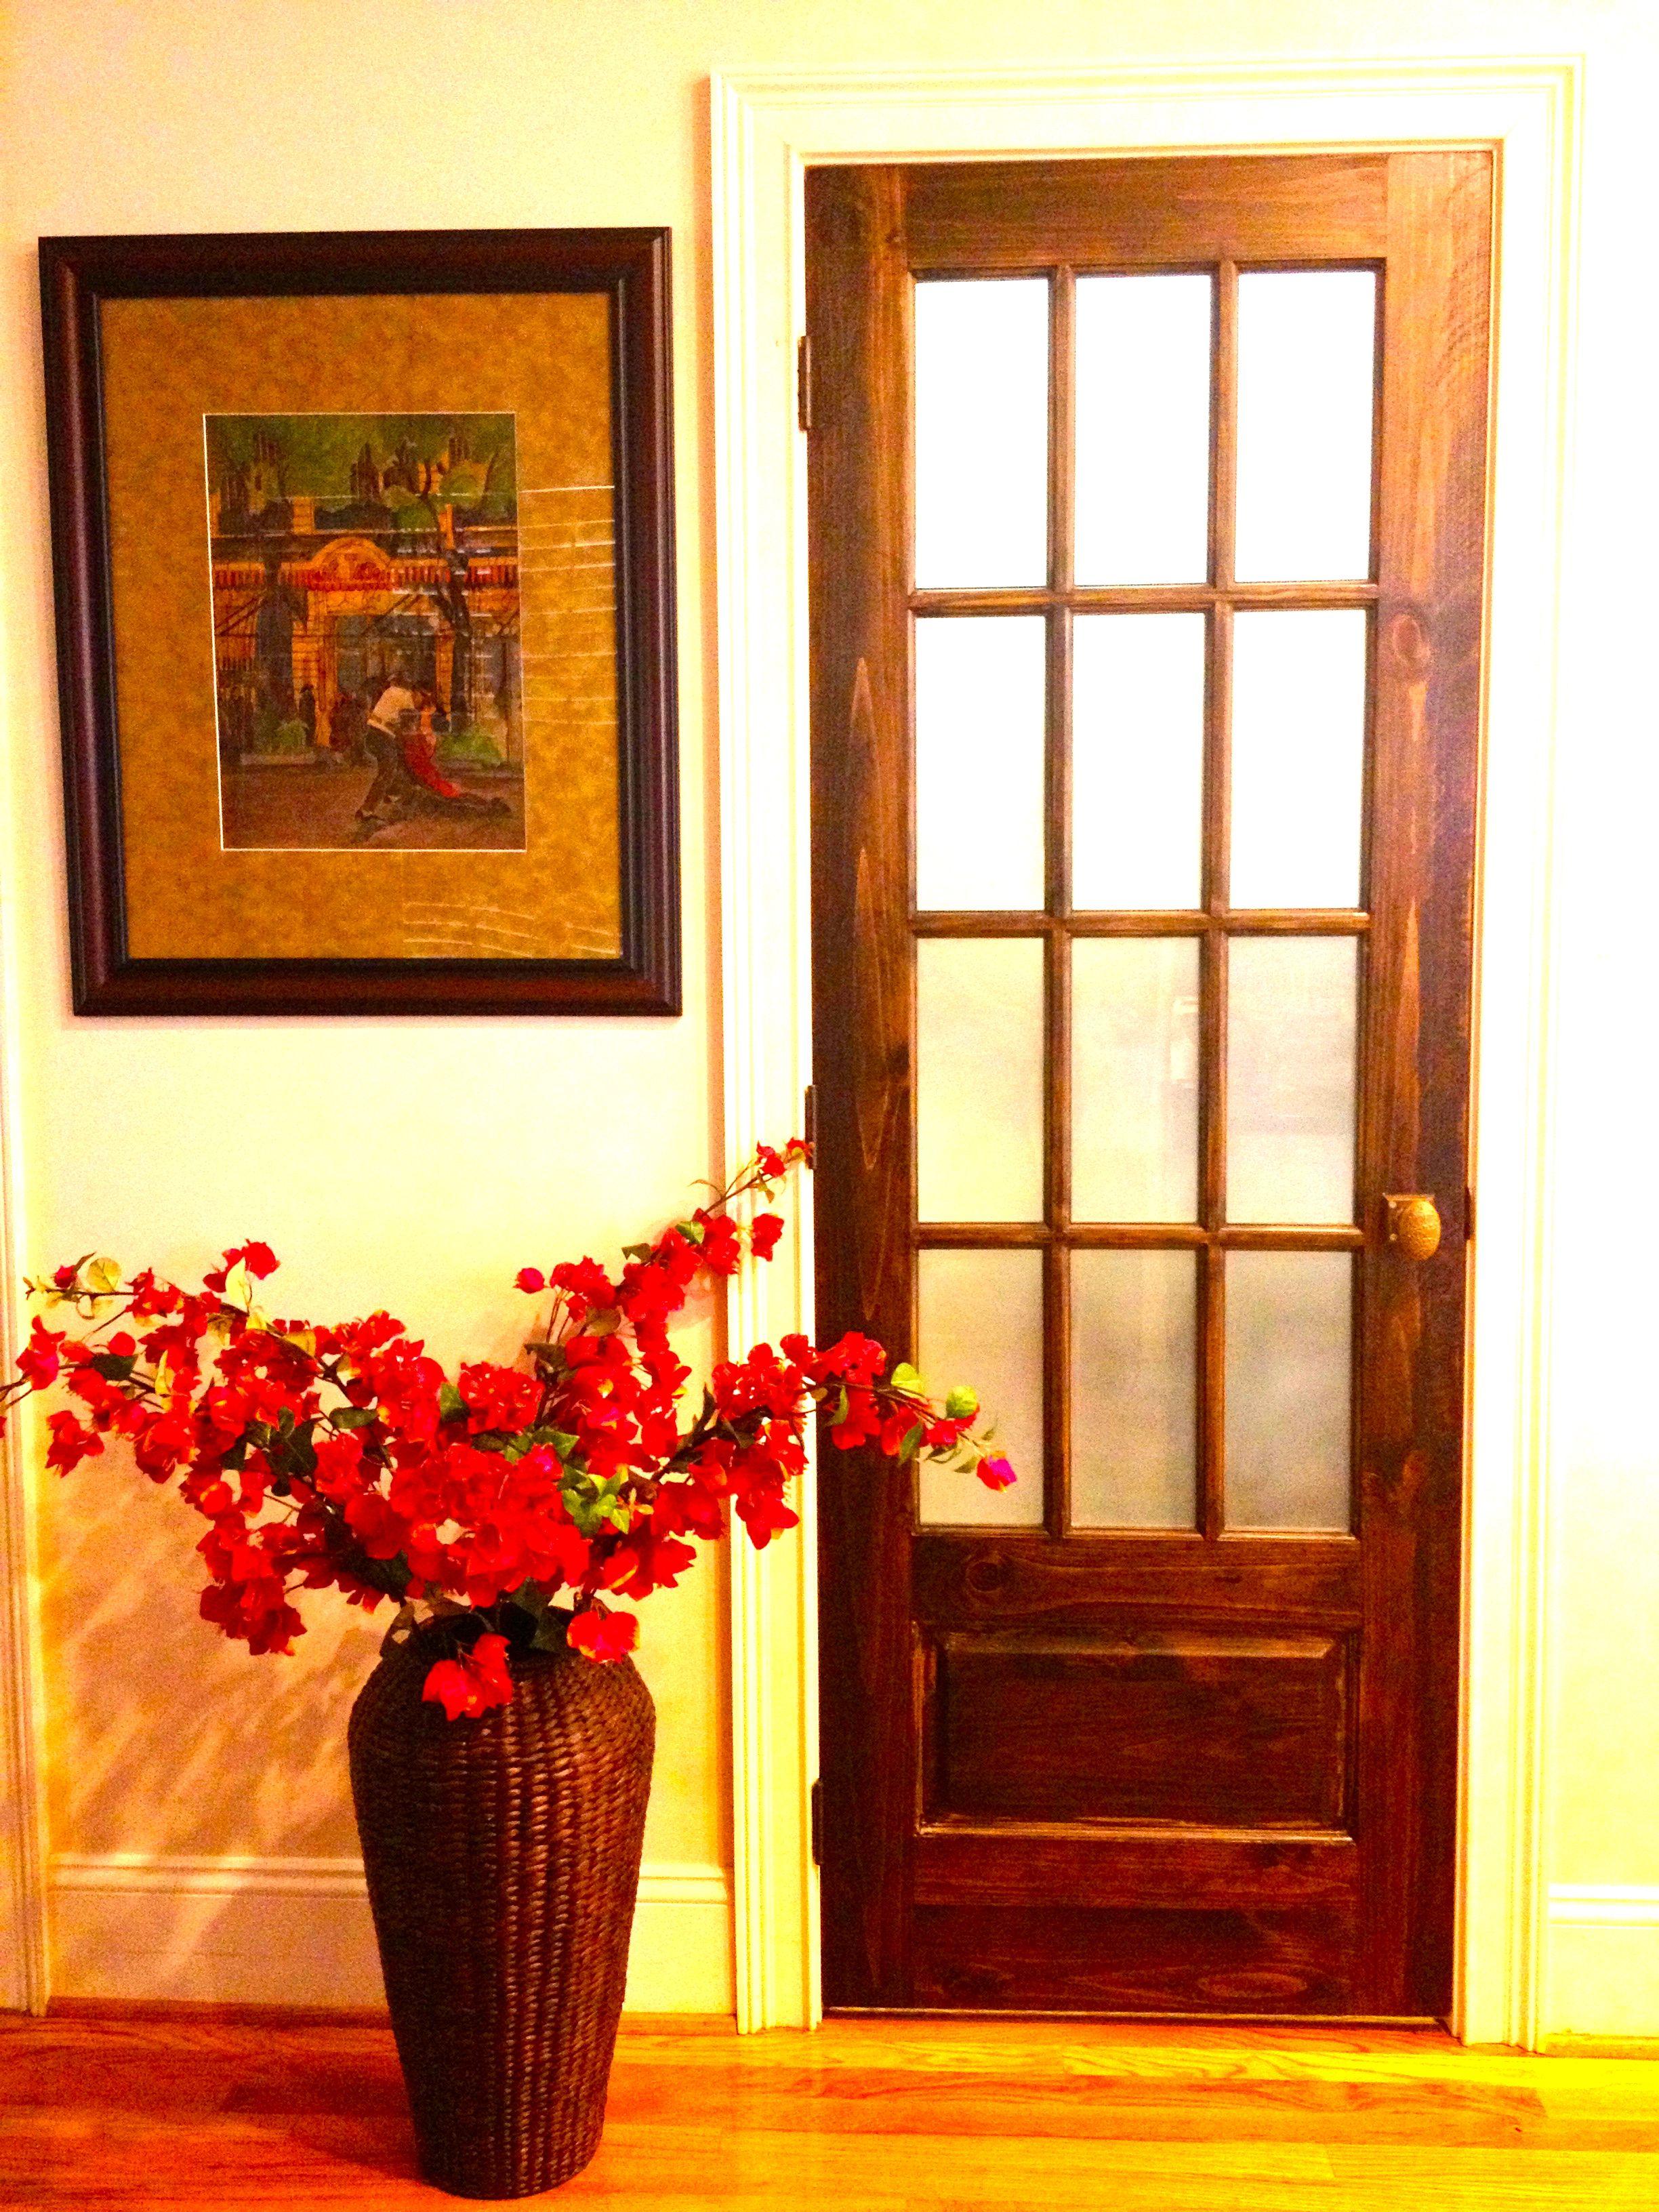 Rustic pantry door with antique nyc public school door knob